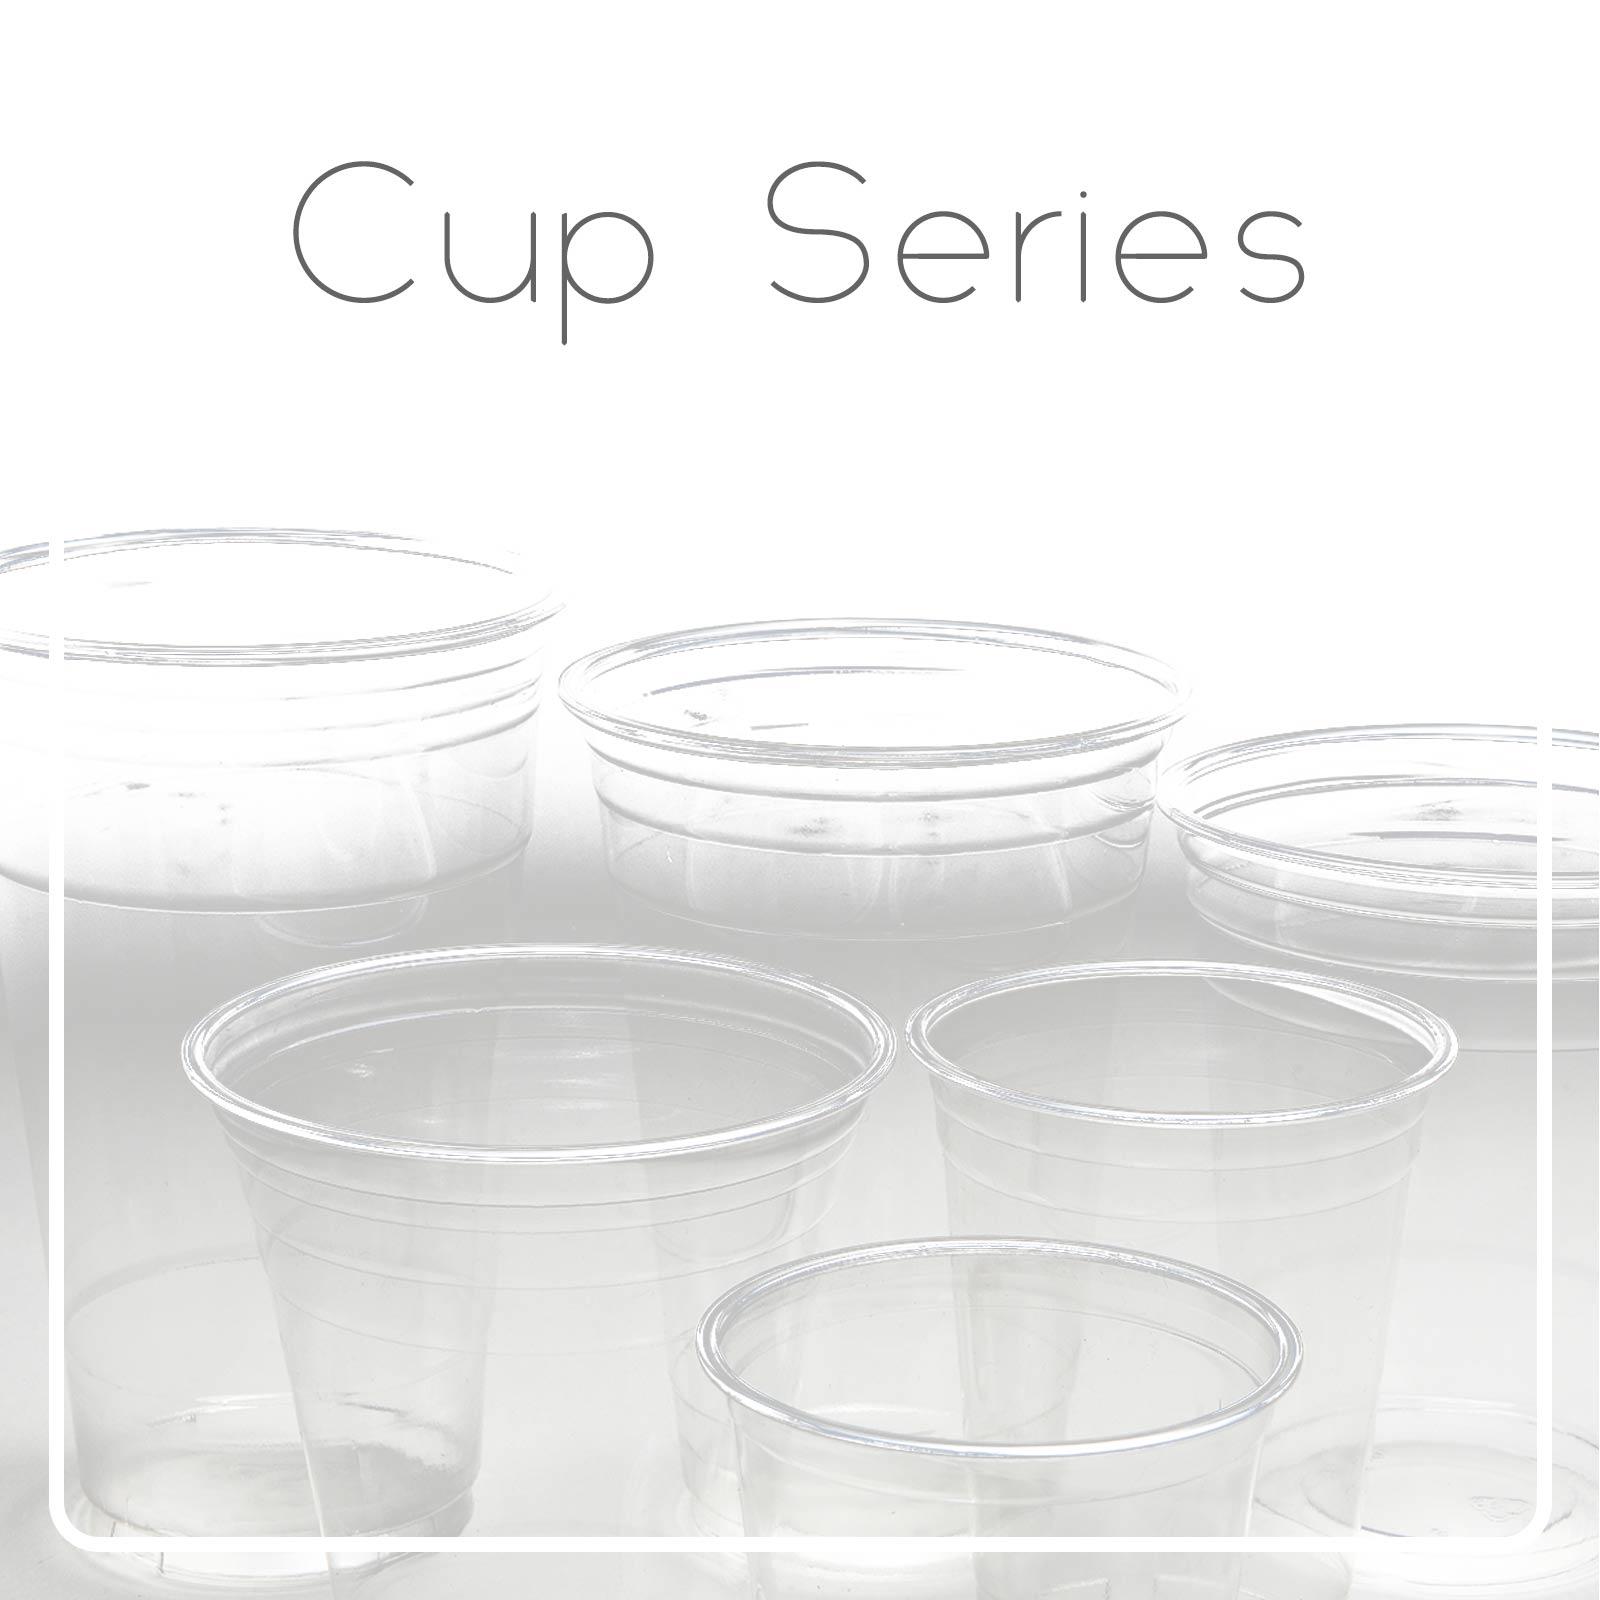 Taza plástica / taza de papel - El vaso de plástico para bebida o café.